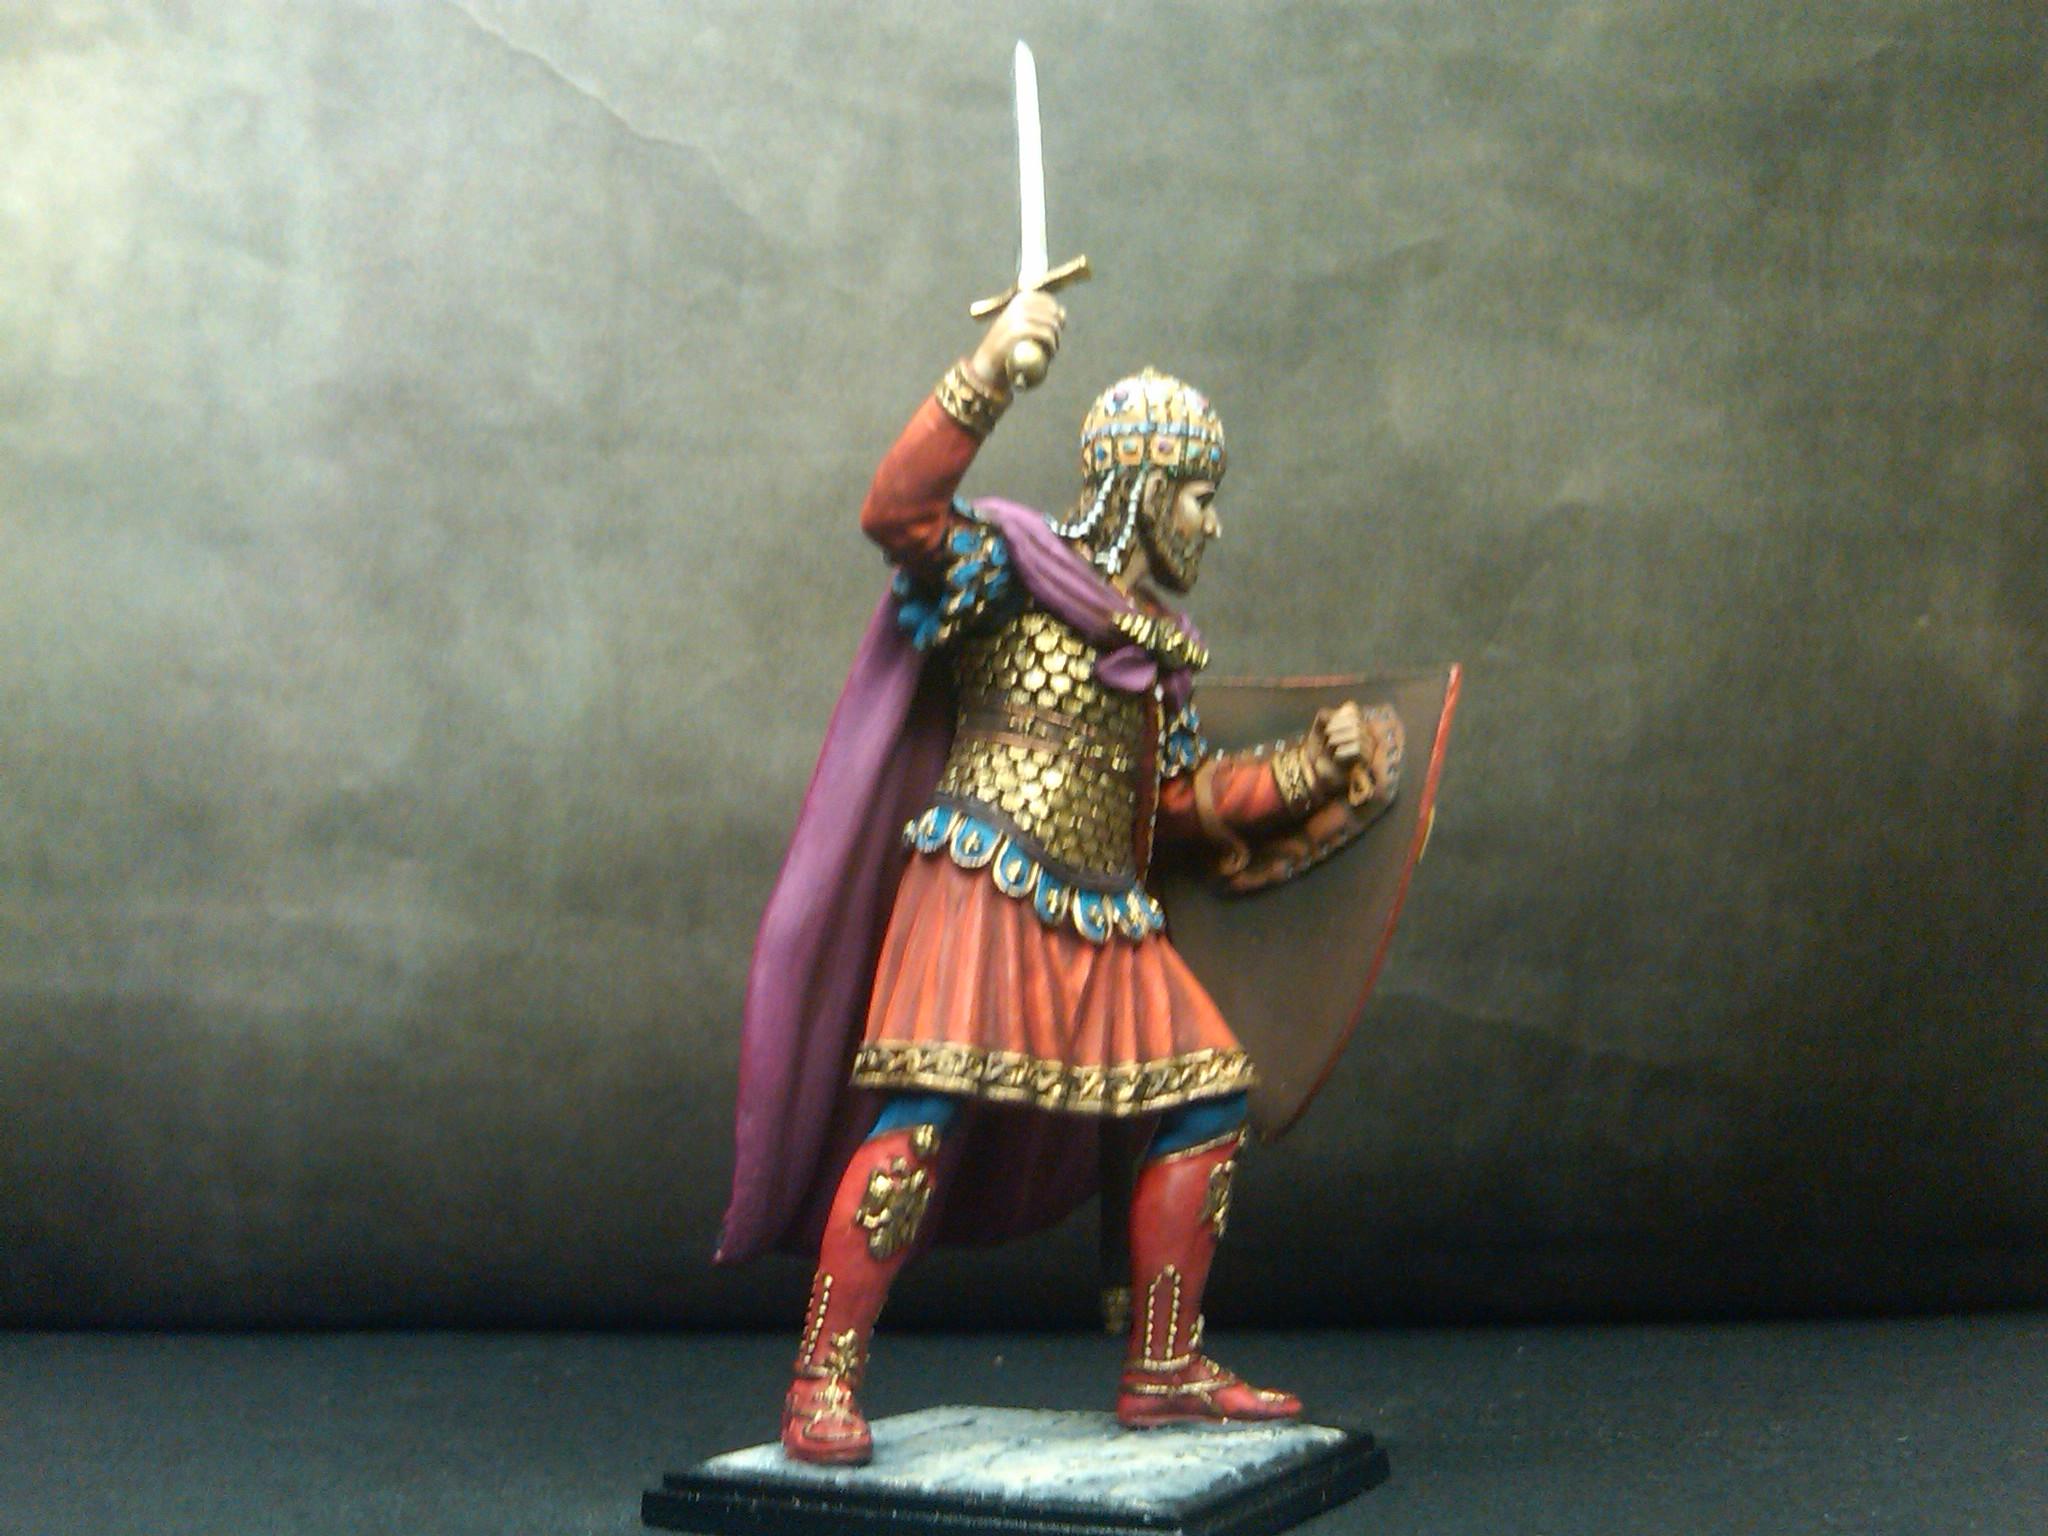 Παλαιολογος, Κωνσταντινος, μαρμαρωμενος βασιλιας, byzantine, emperor, palaiologos, byzantine army